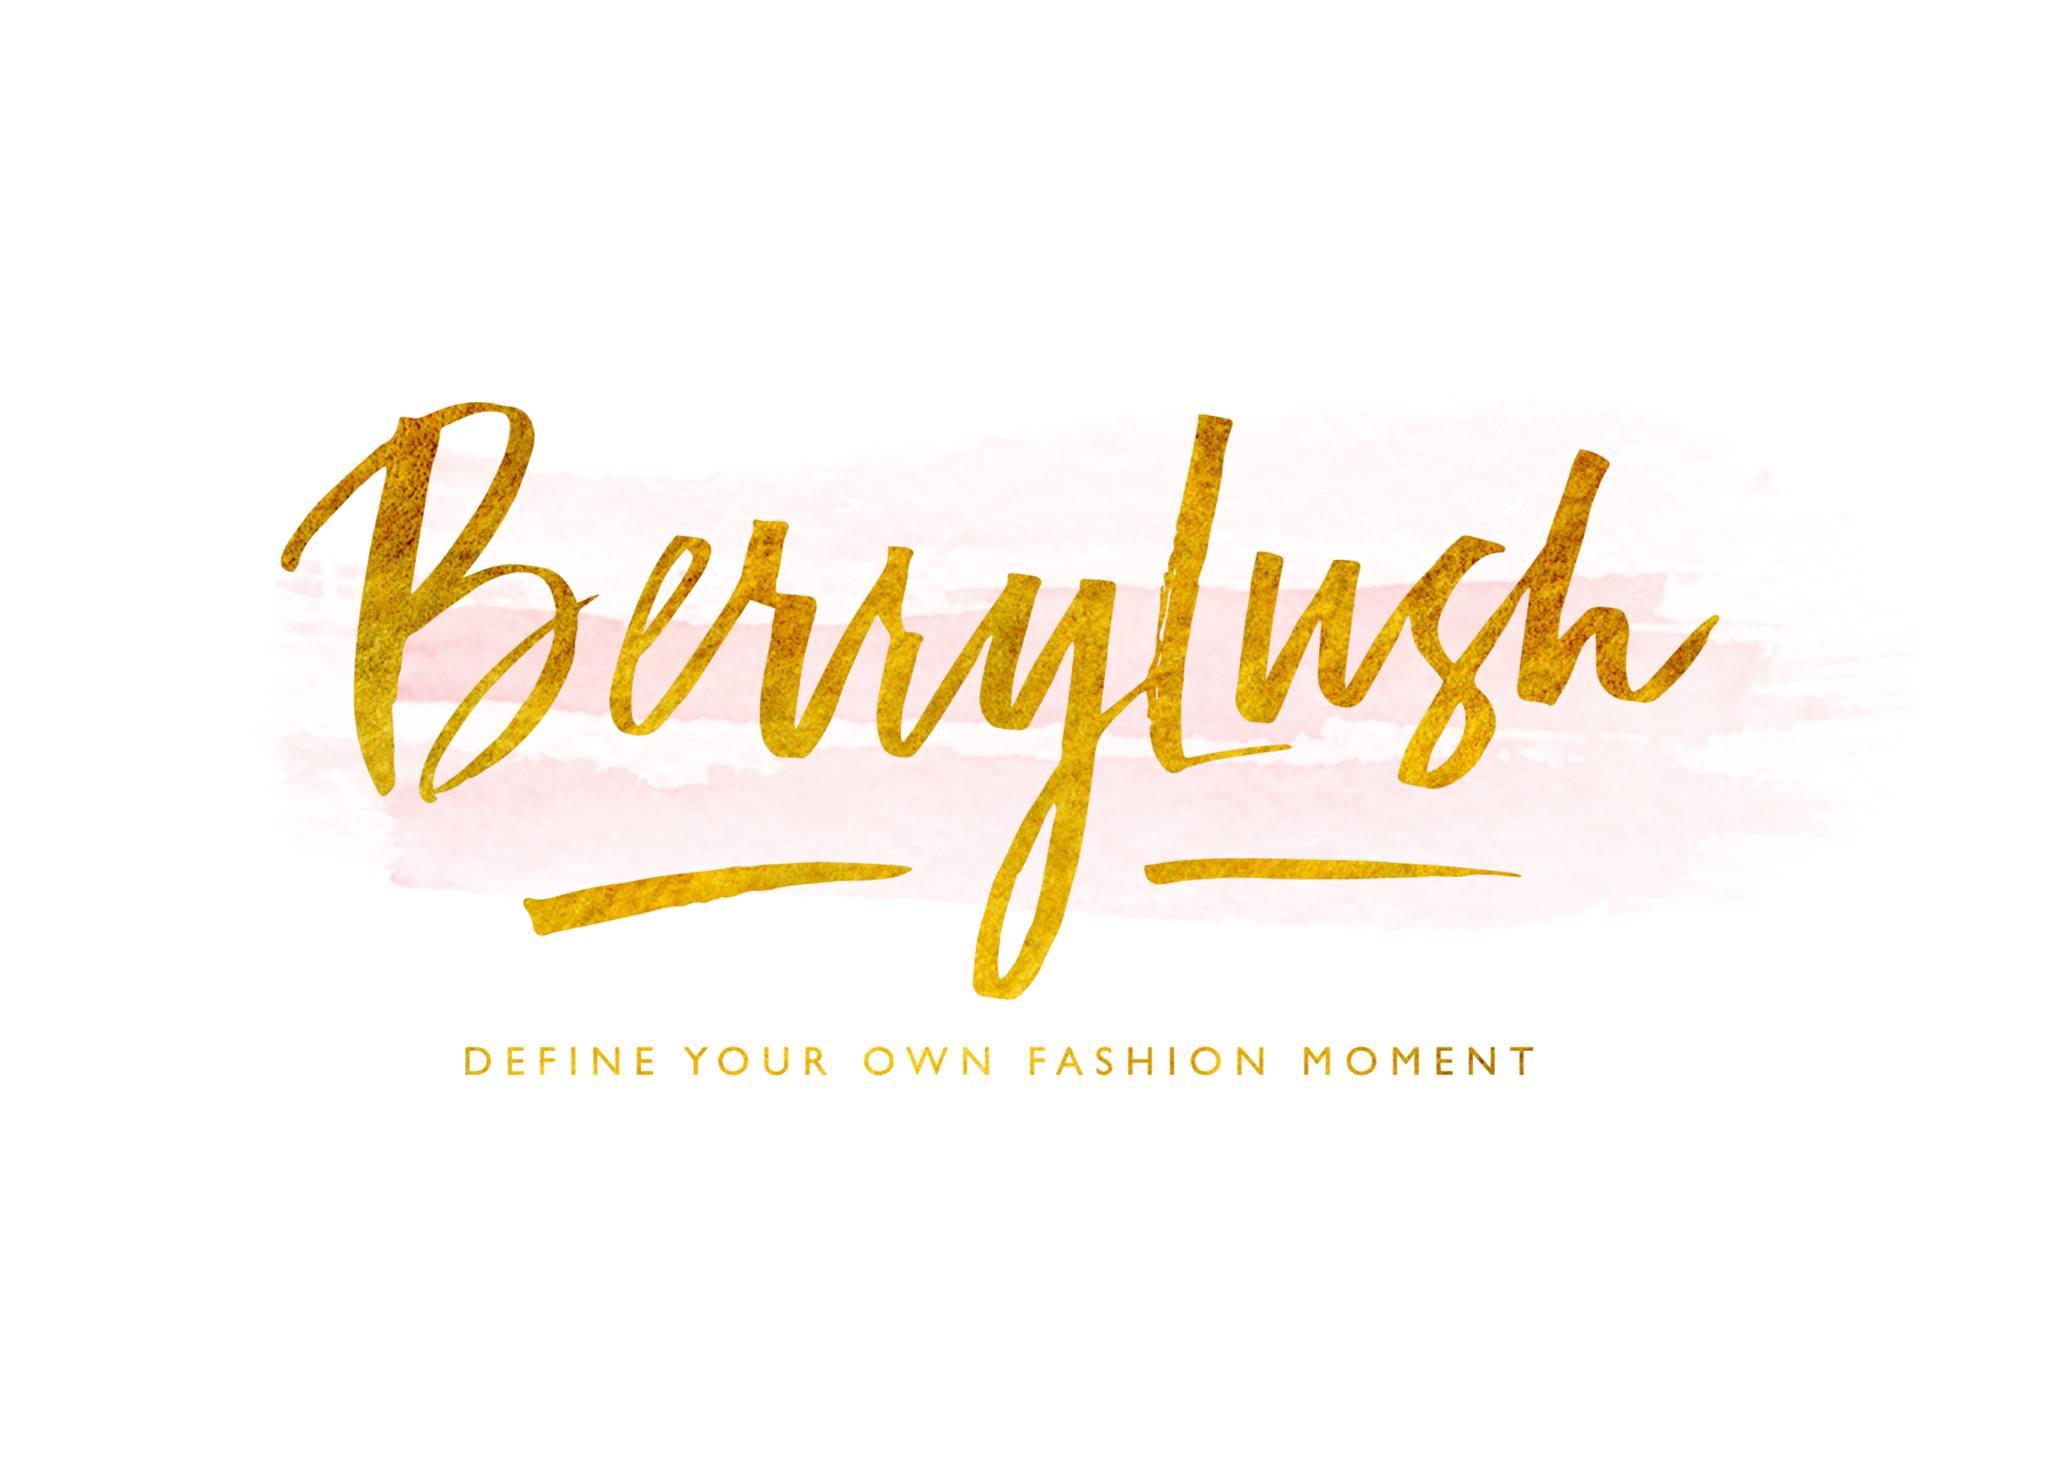 BERRYLUSH.com